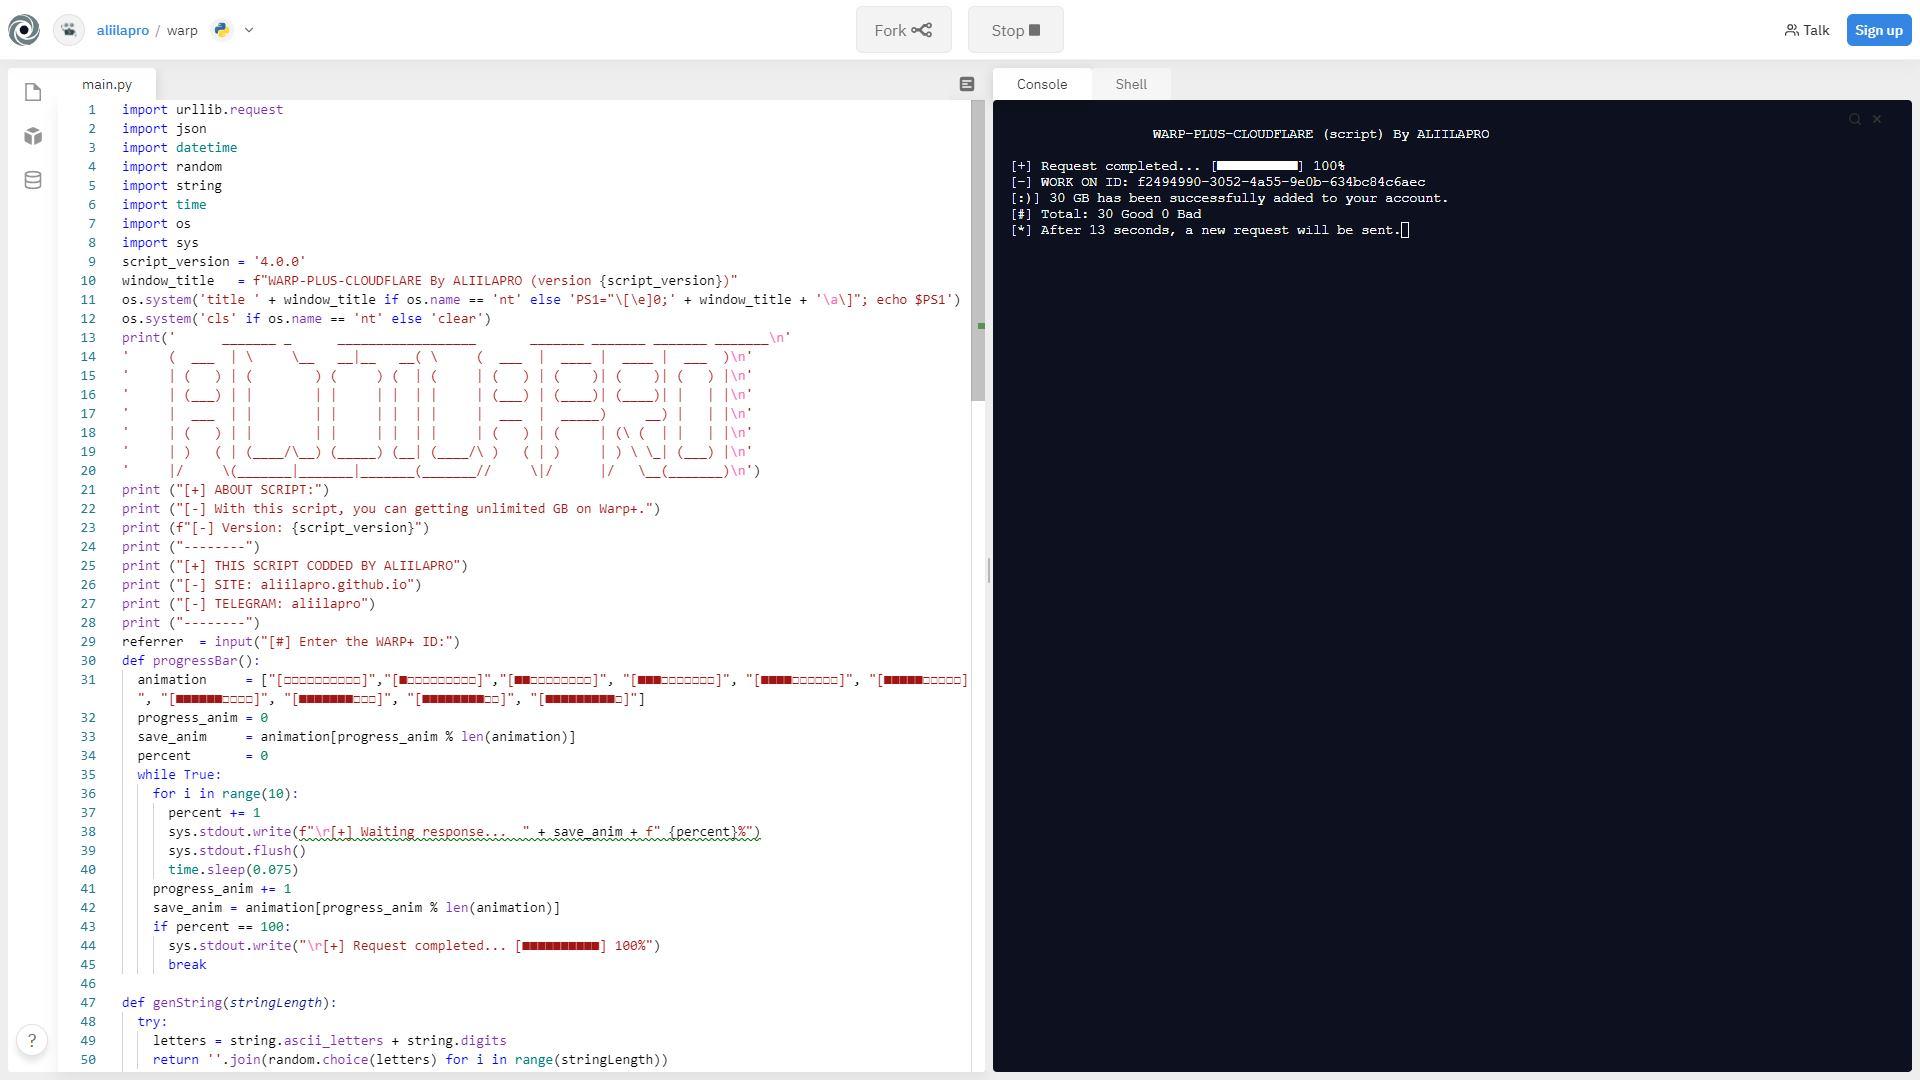 Hướng dẫn tự động buff key 1.1.1.1 data miễn phí